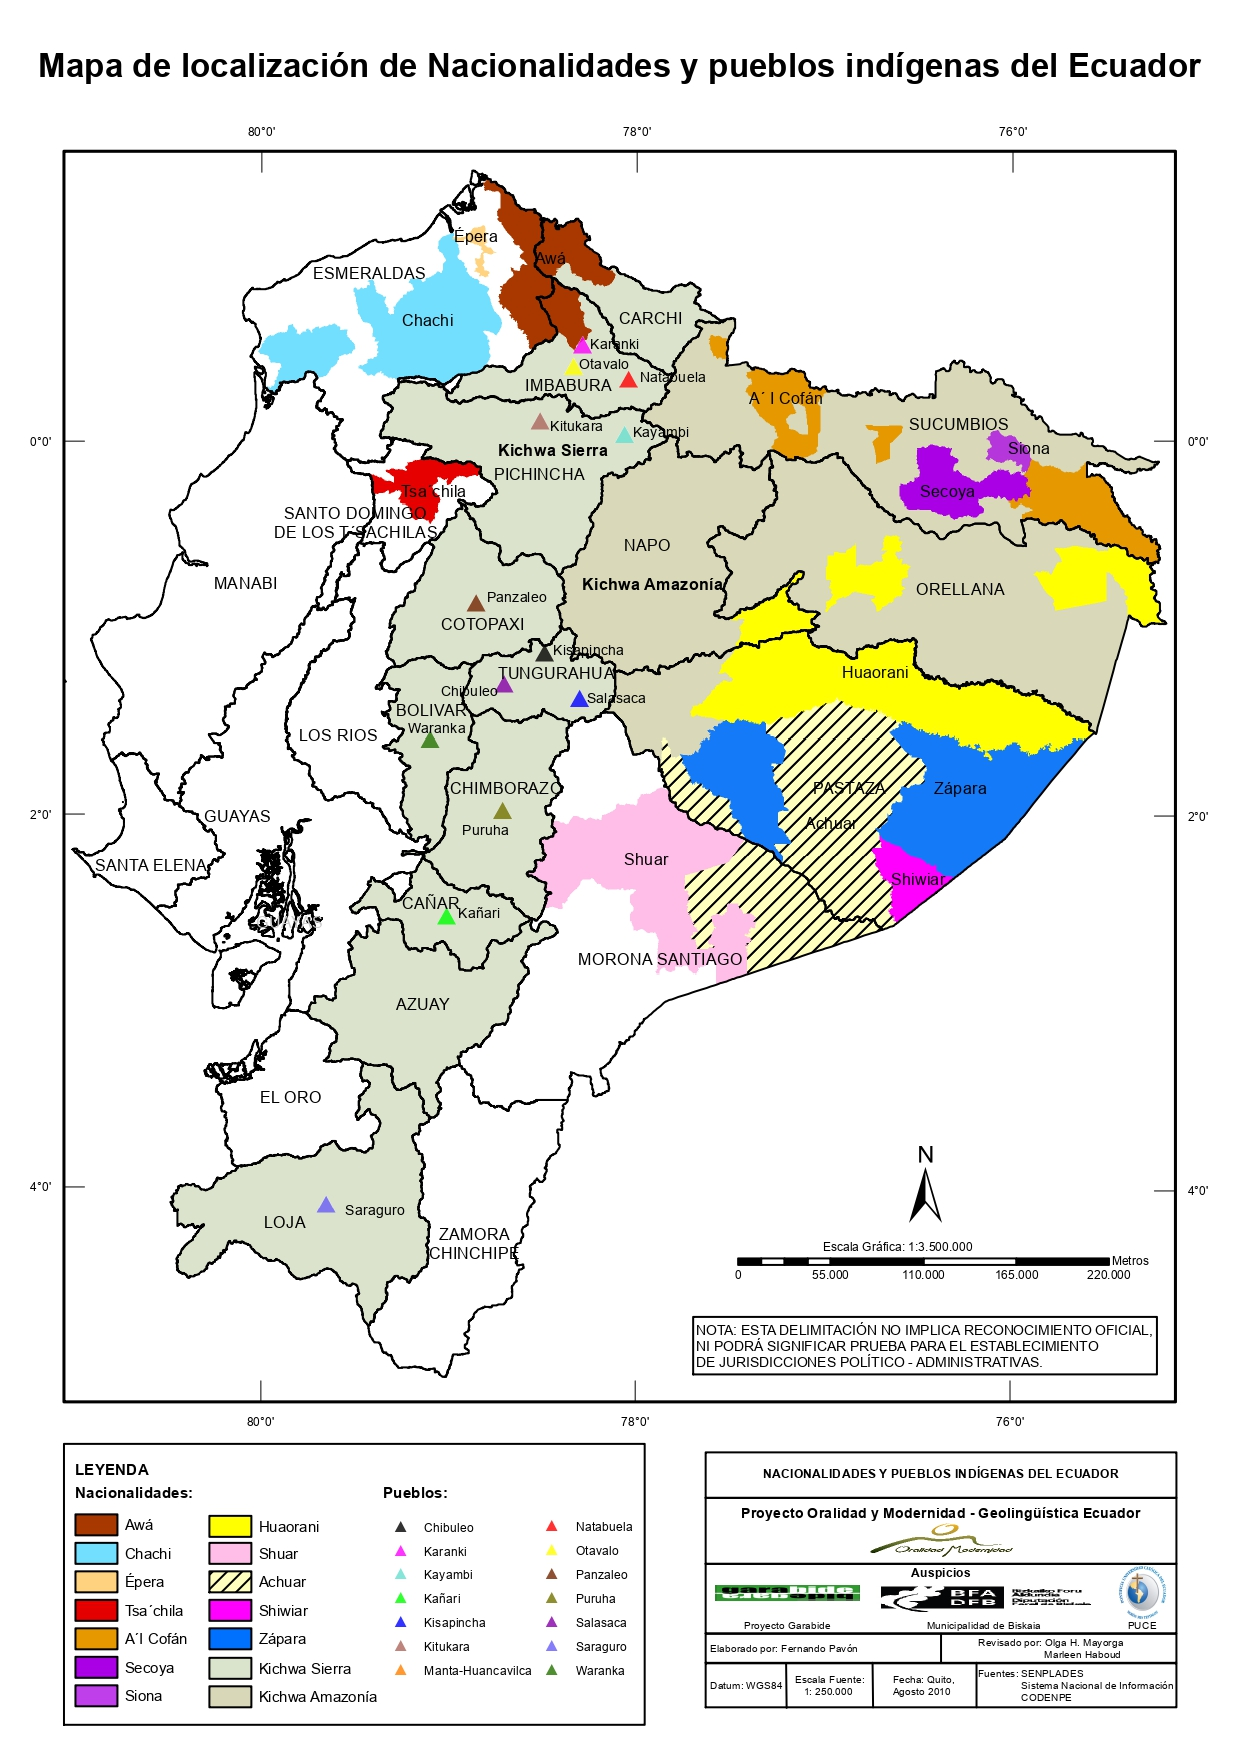 Mapa de localización de Nacionalidades y pueblos indígenas del Ecuador